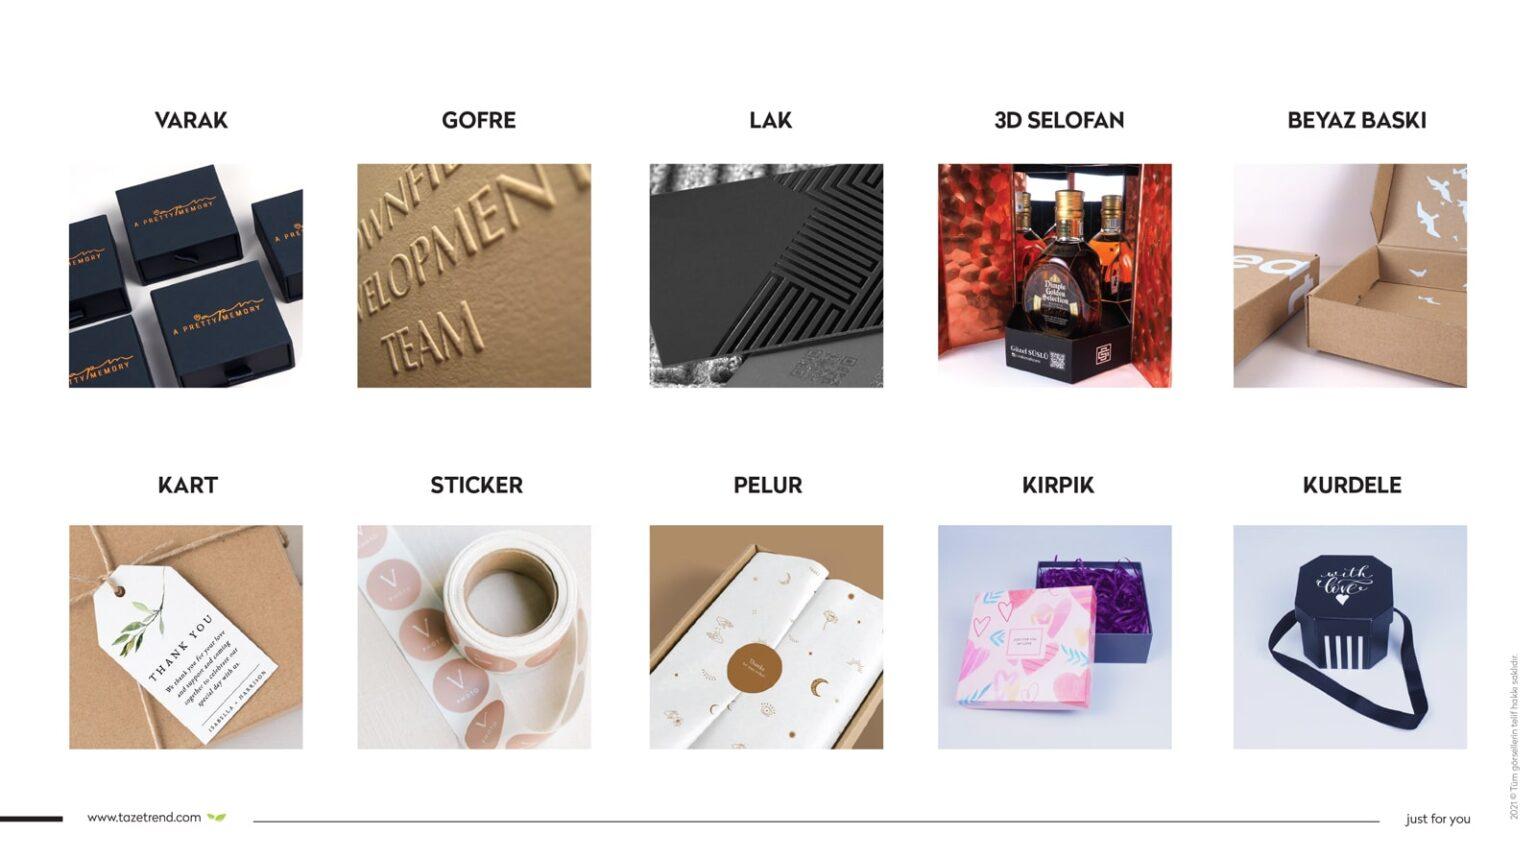 tazetrend e-katalog tasarım12